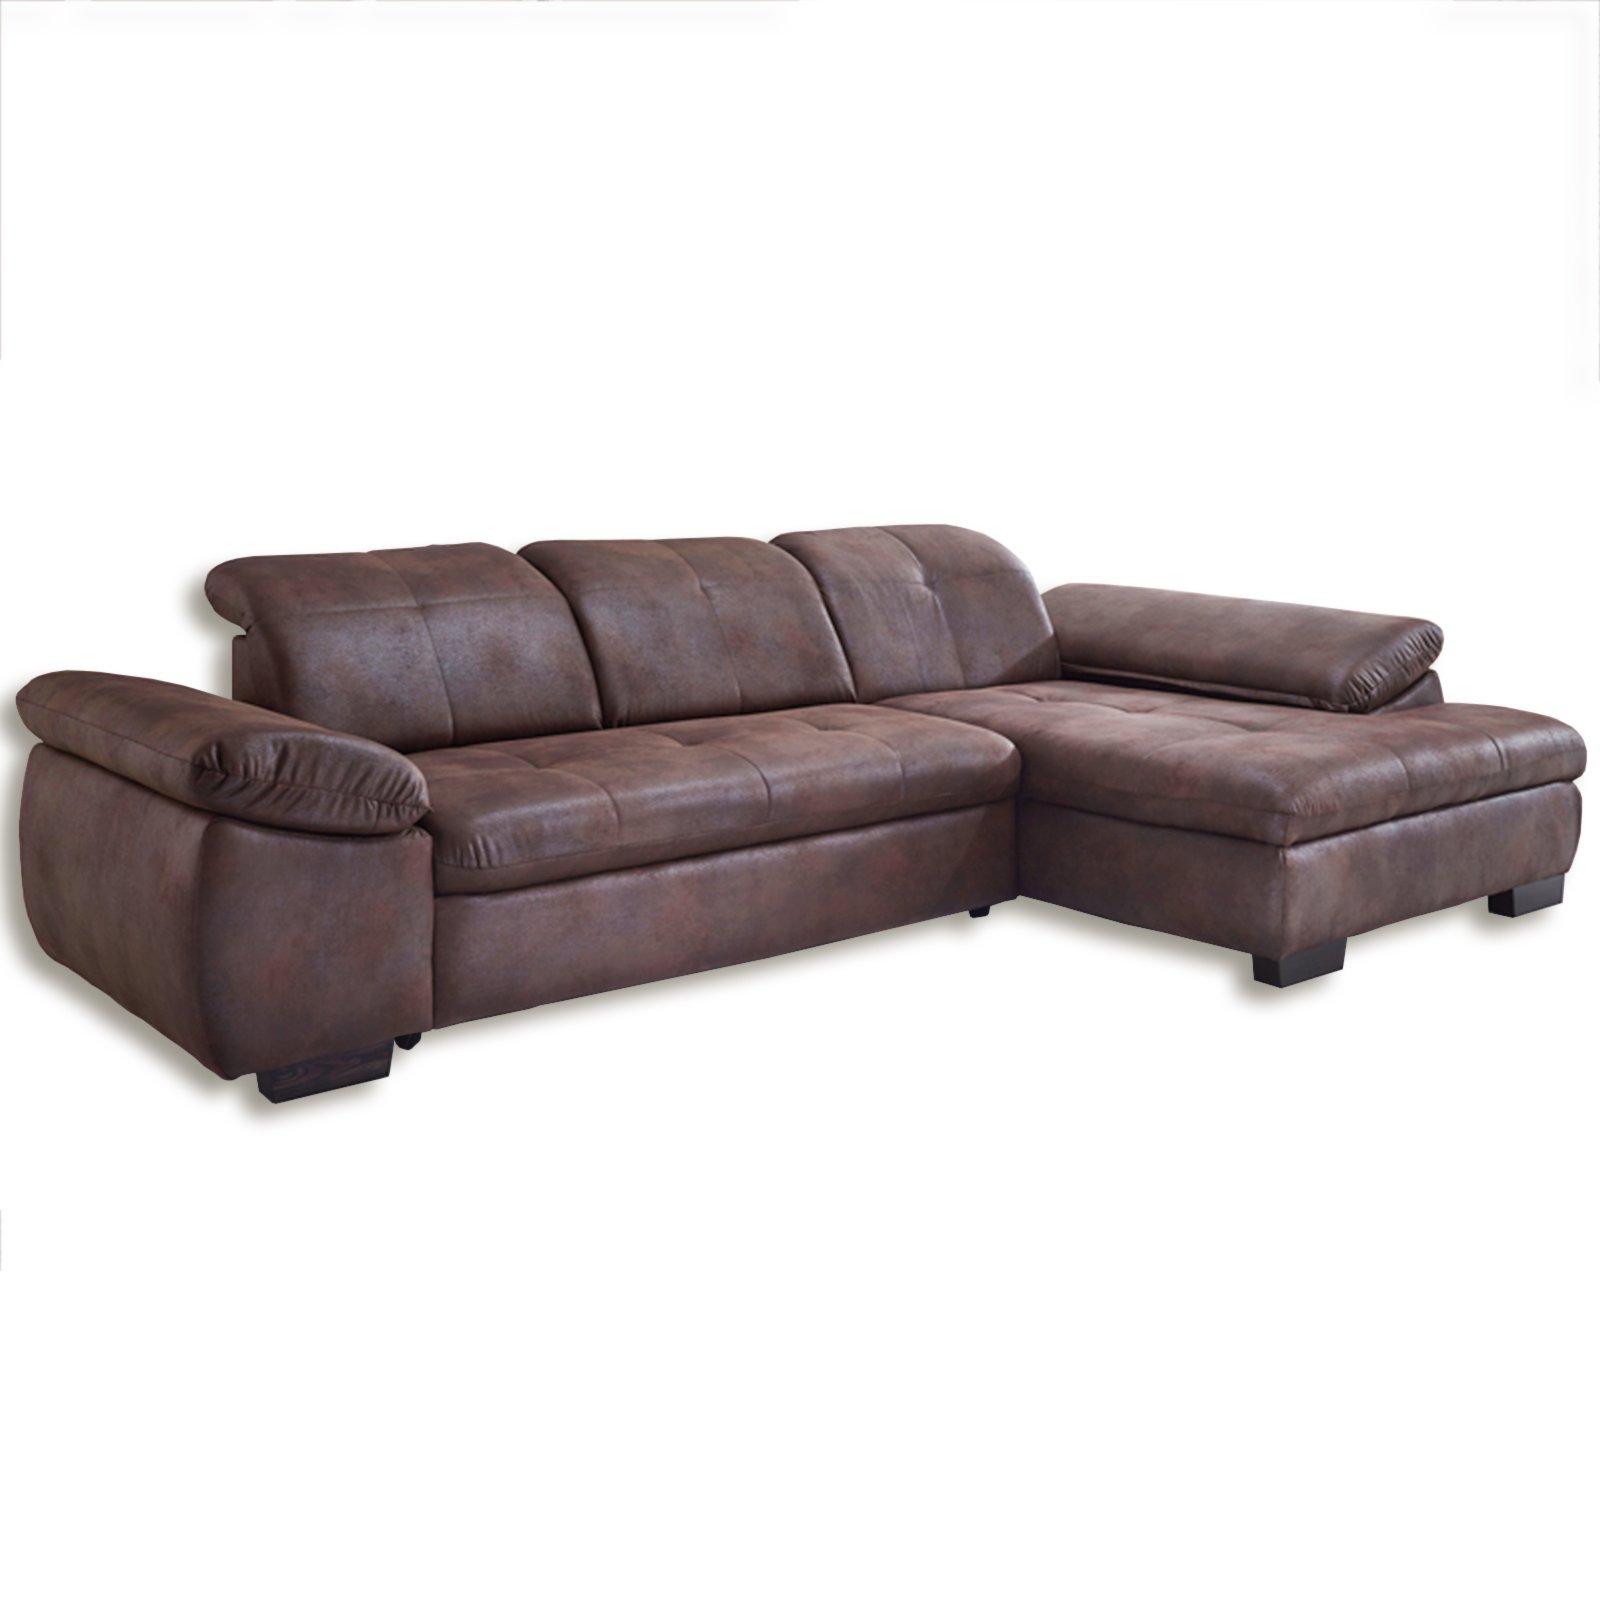 ecksofa braun kopfteilverstellung ecksofas l form sofas couches m bel roller m belhaus. Black Bedroom Furniture Sets. Home Design Ideas